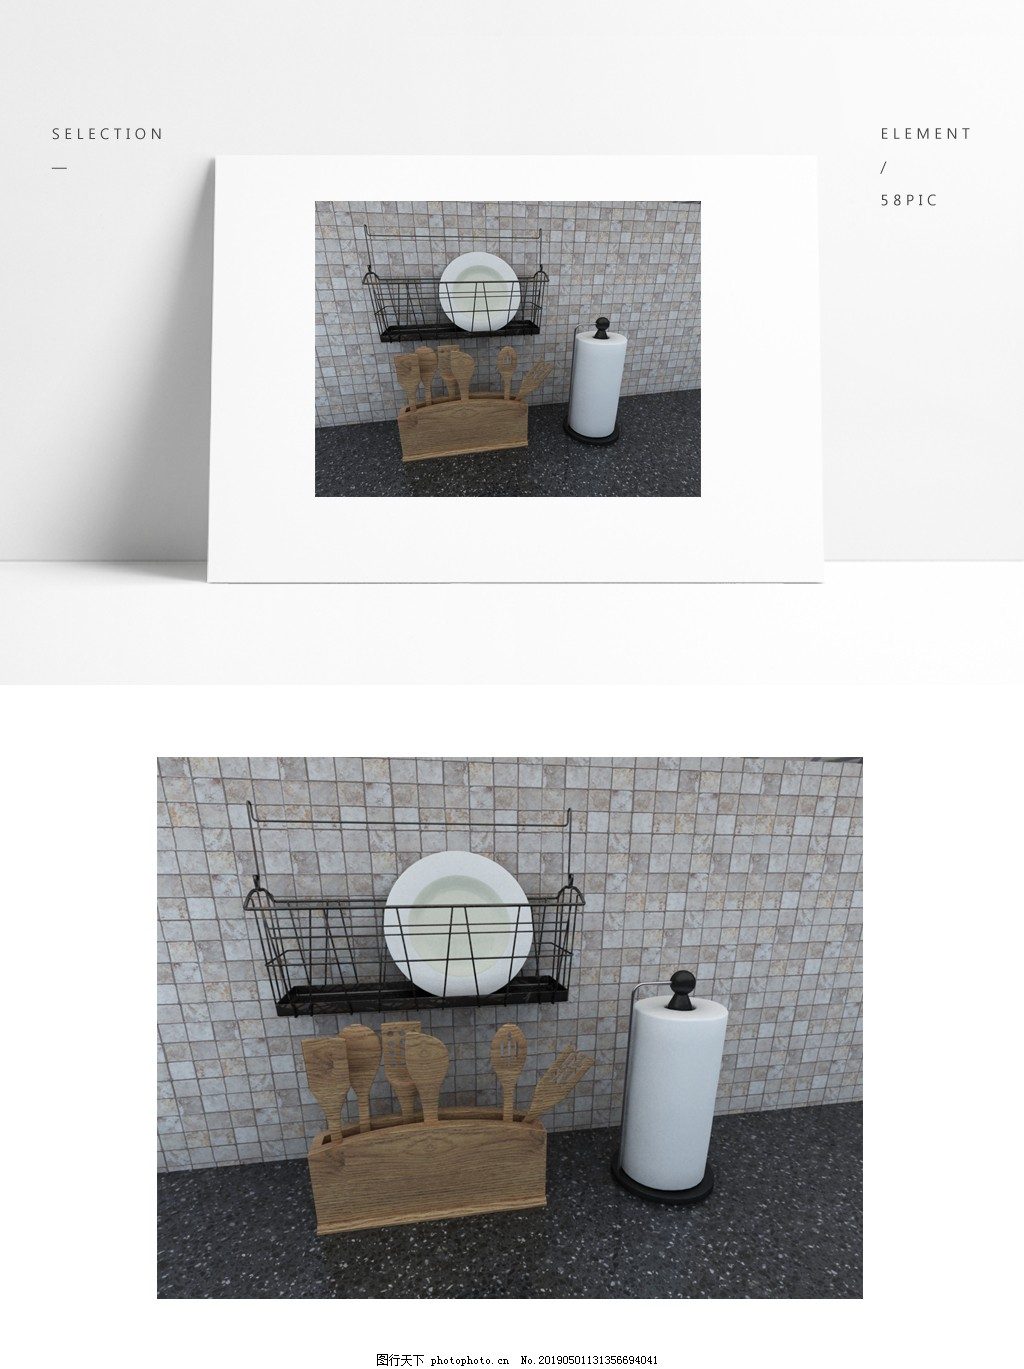 厨房设备碗碟模型背景是模型无其它链接,厨房碗碟